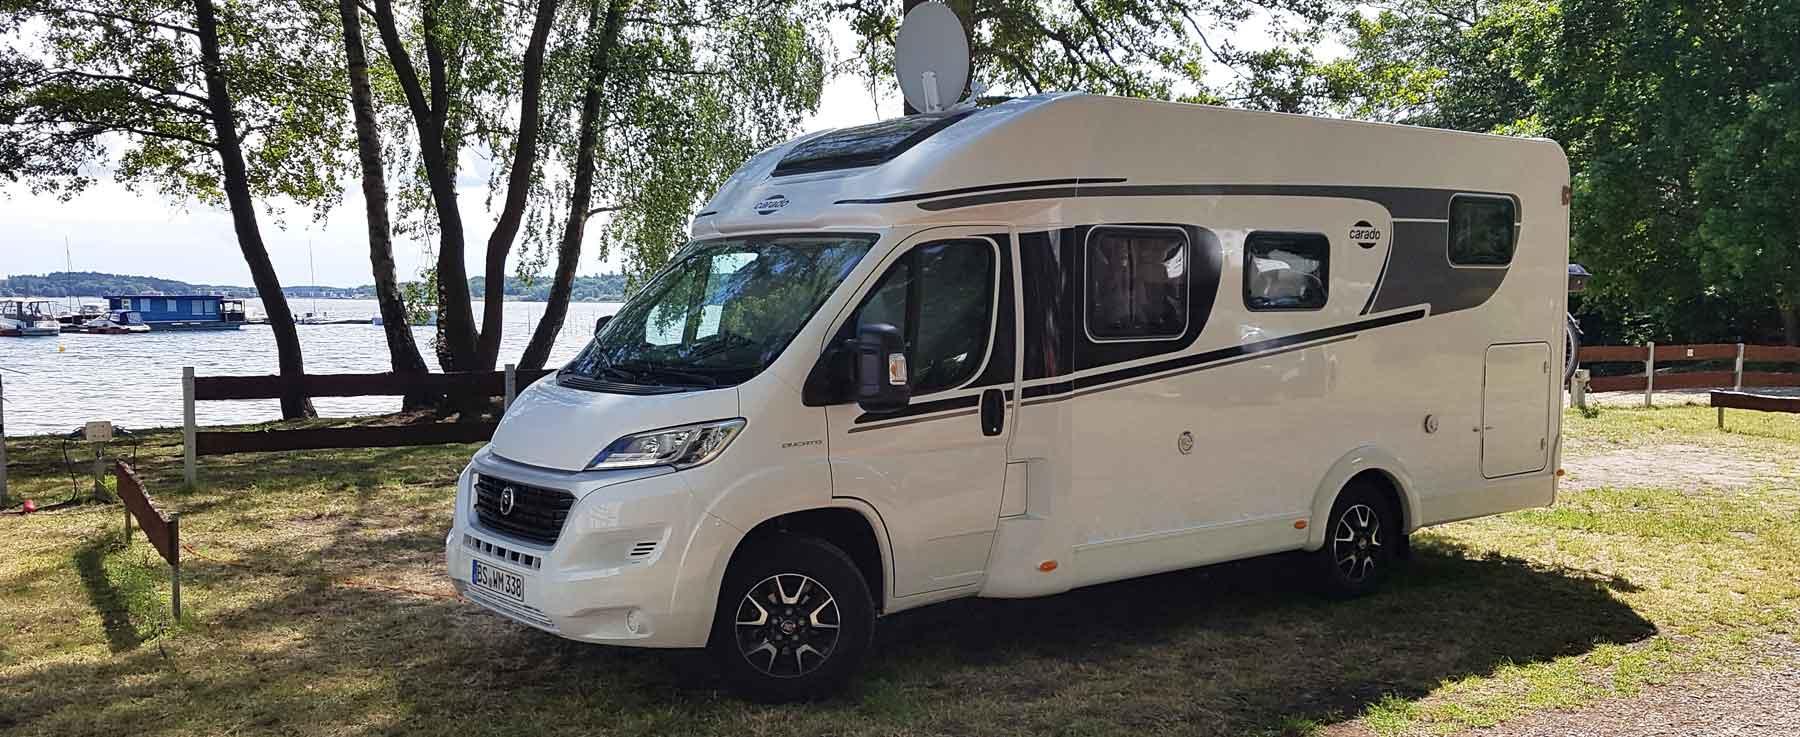 wohnmobil-carado-t8-mieten-braunschweig  Wohnwagen-Wohnmobile